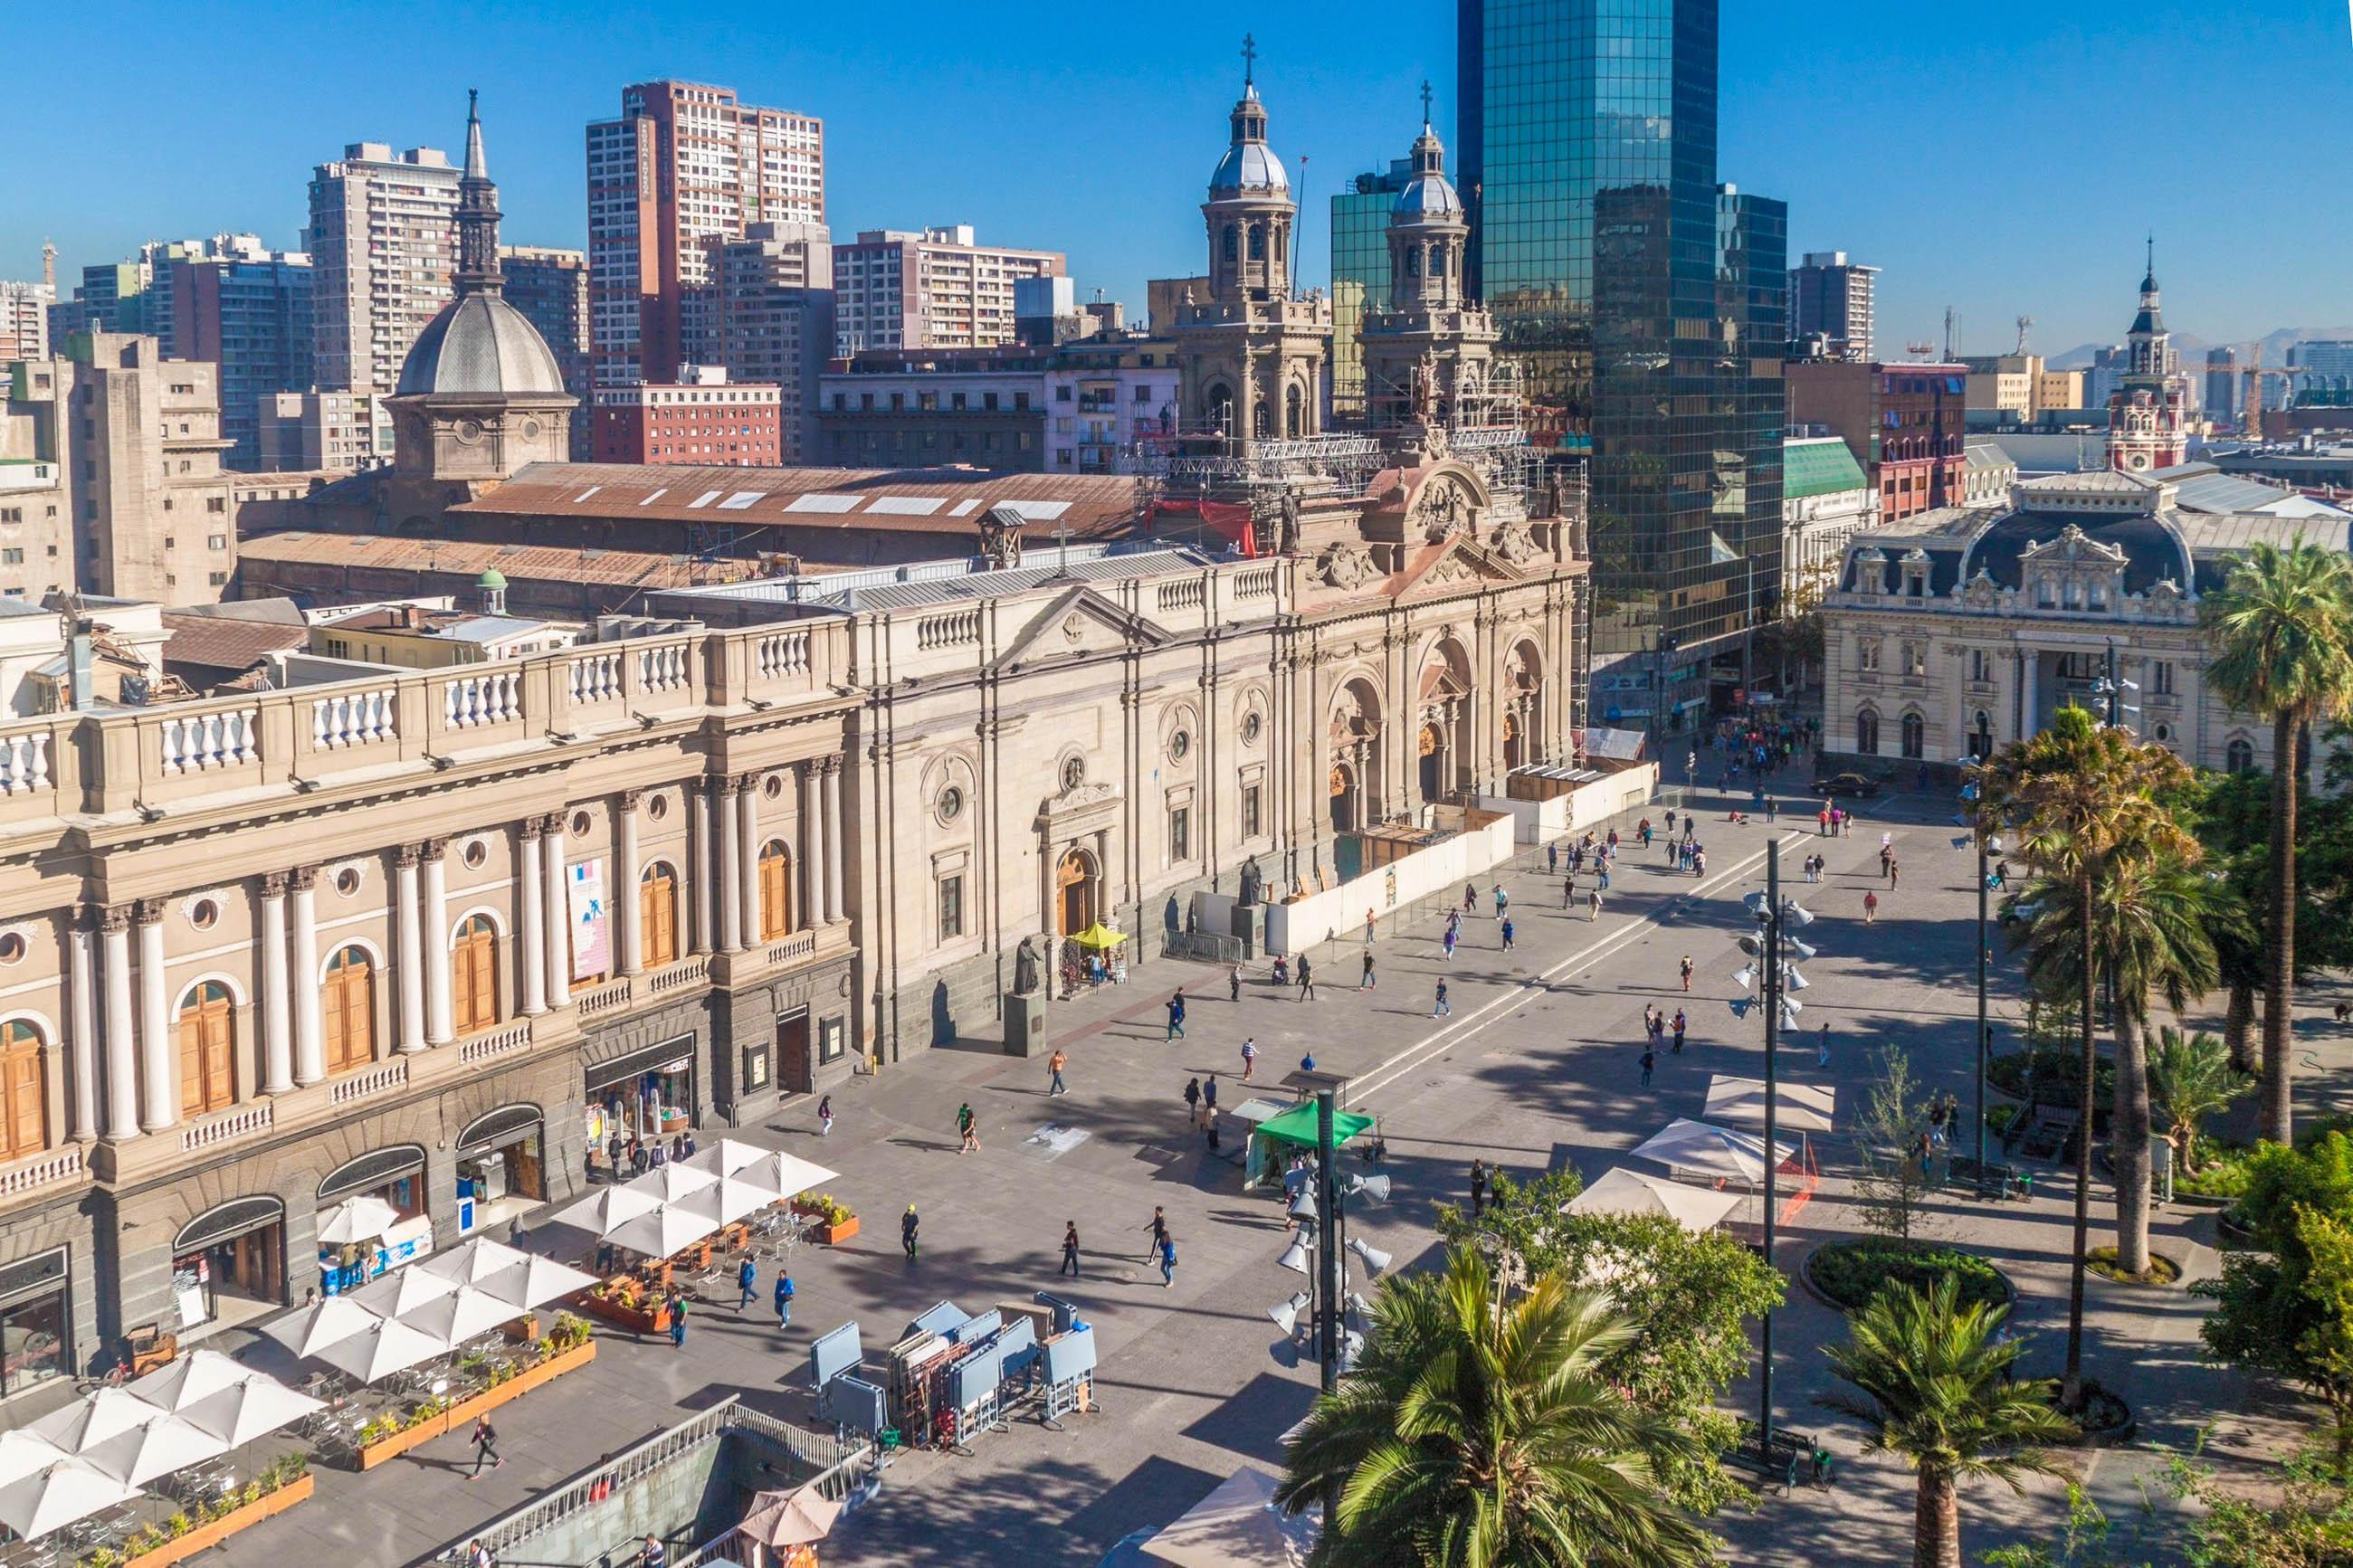 Plaza de armas in santiago de chile chile franks travelbox for Architektur chile